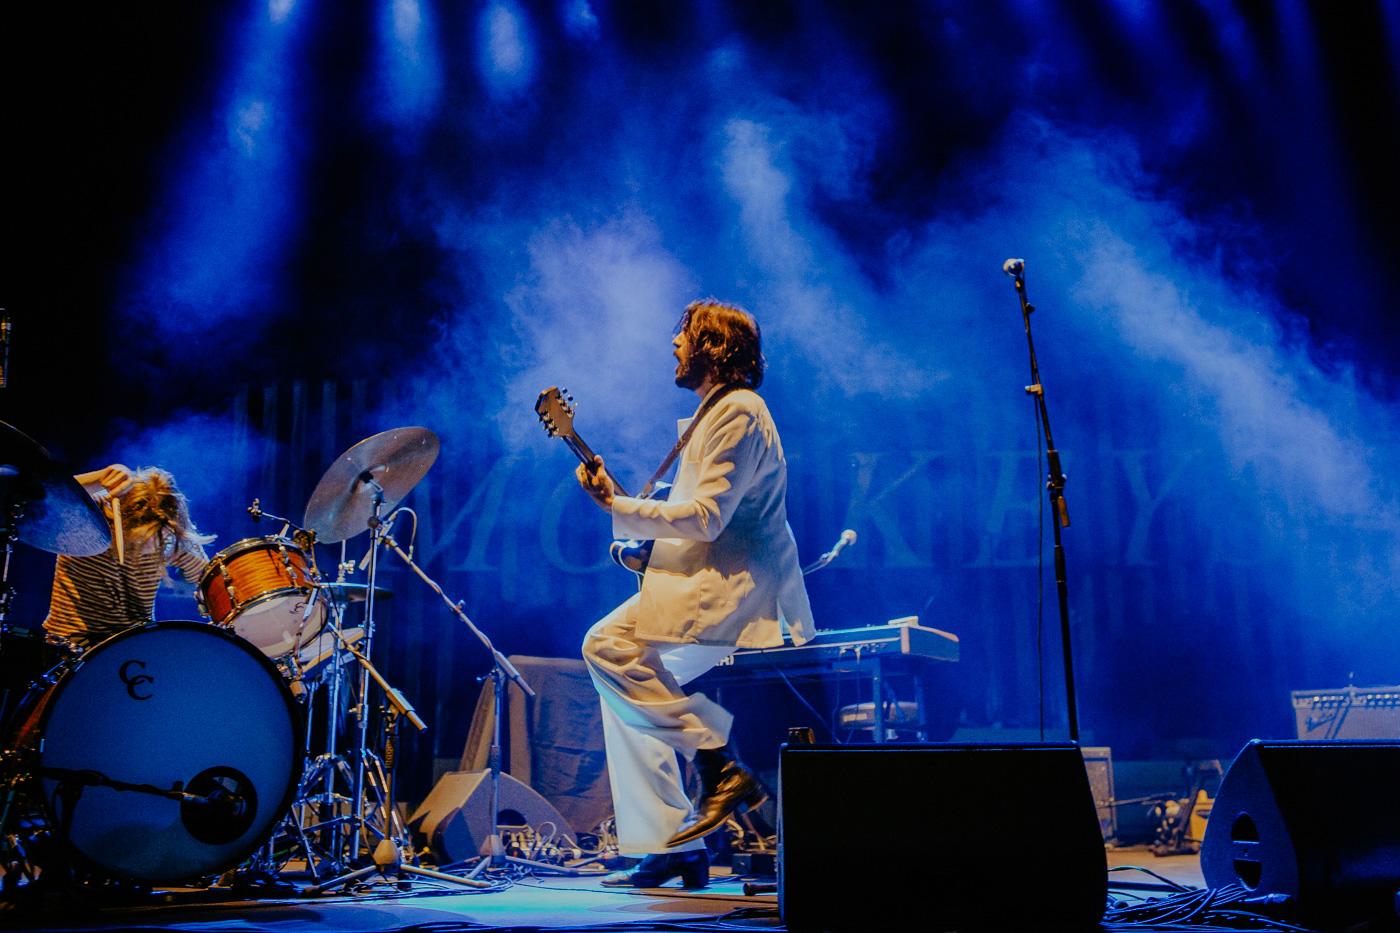 Cameron Avery @ Auditorium Parco della Musica, Roma